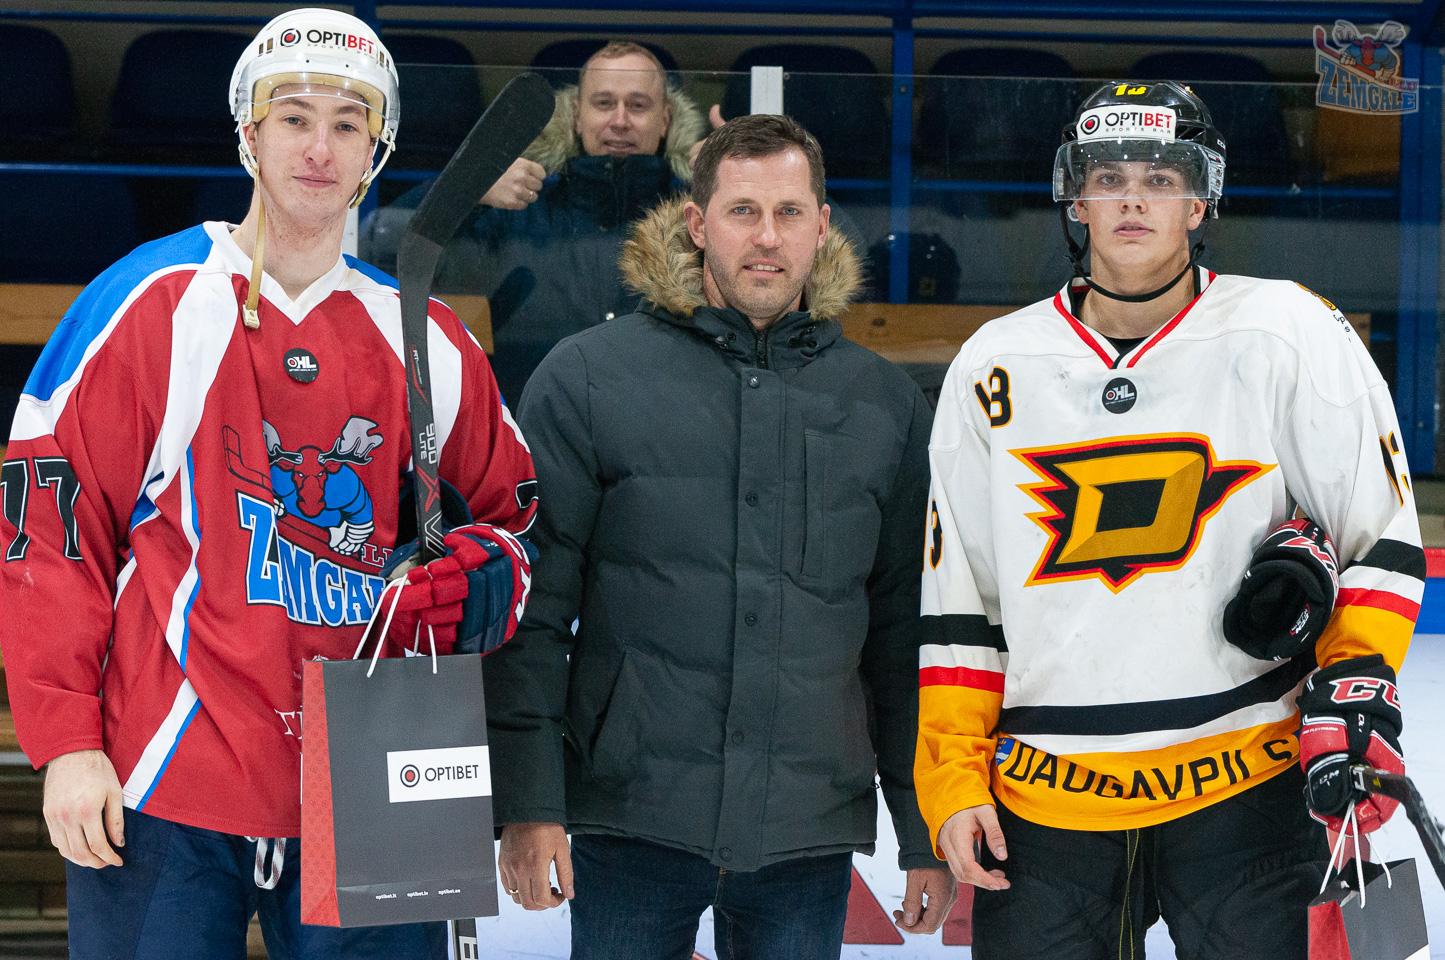 Divi hokejisti un vīrietis stāv priekšējā fonā ar maisiņiem